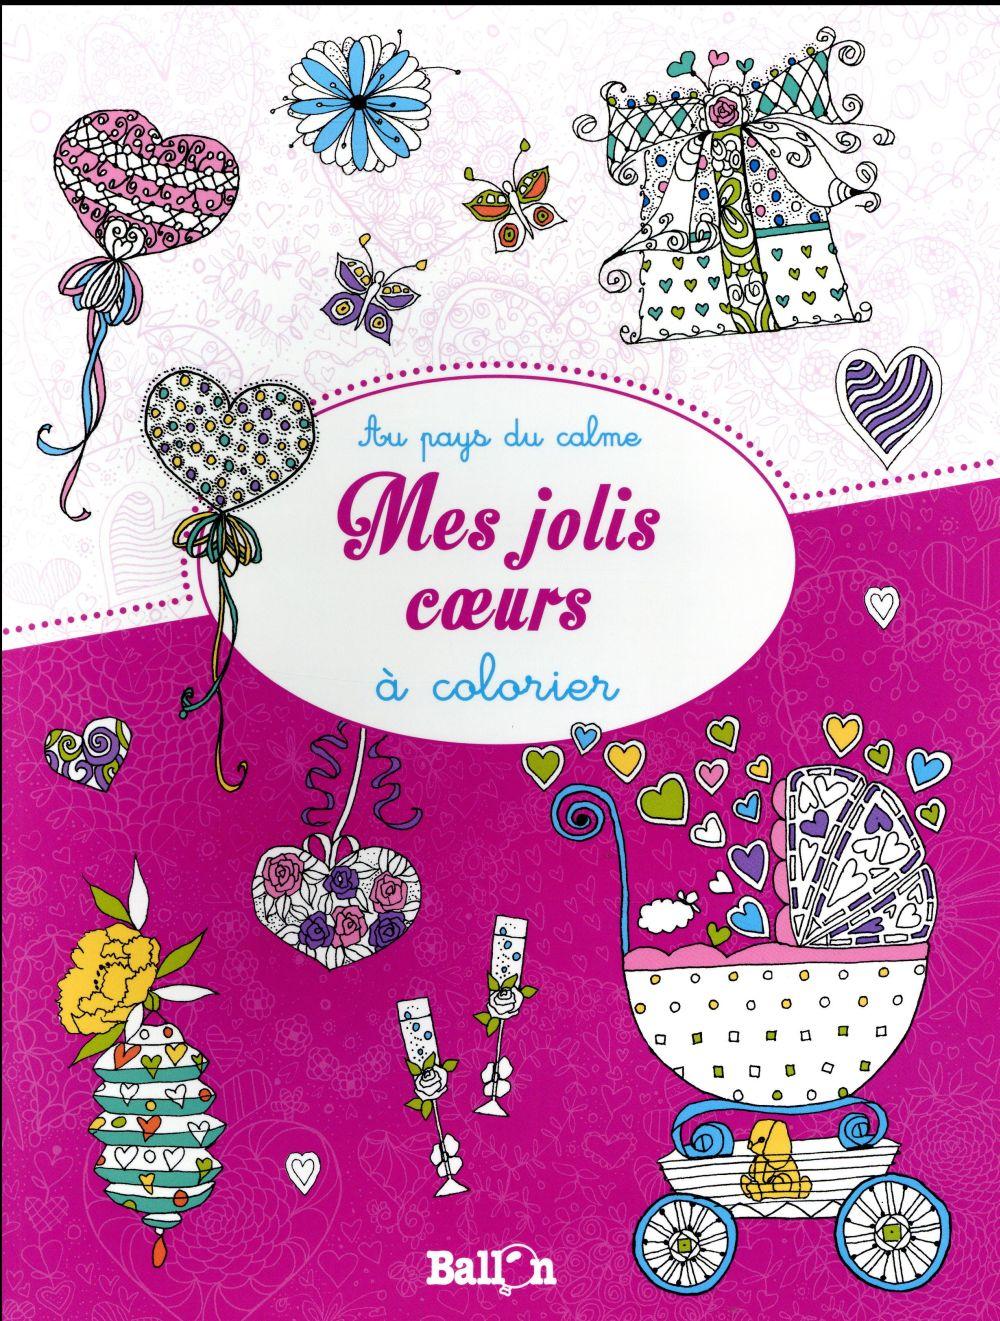 MES JOLIS COEURS A COLORIER